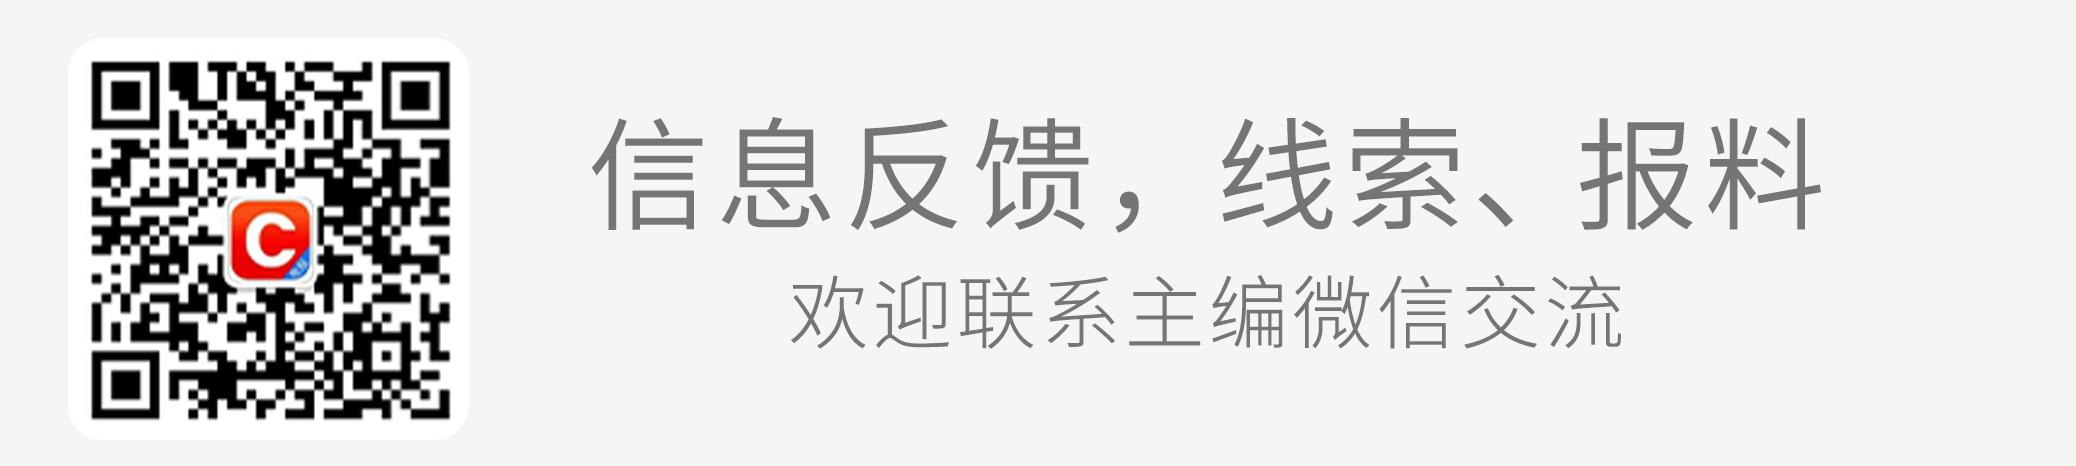 财联社保险周报(7月6日)